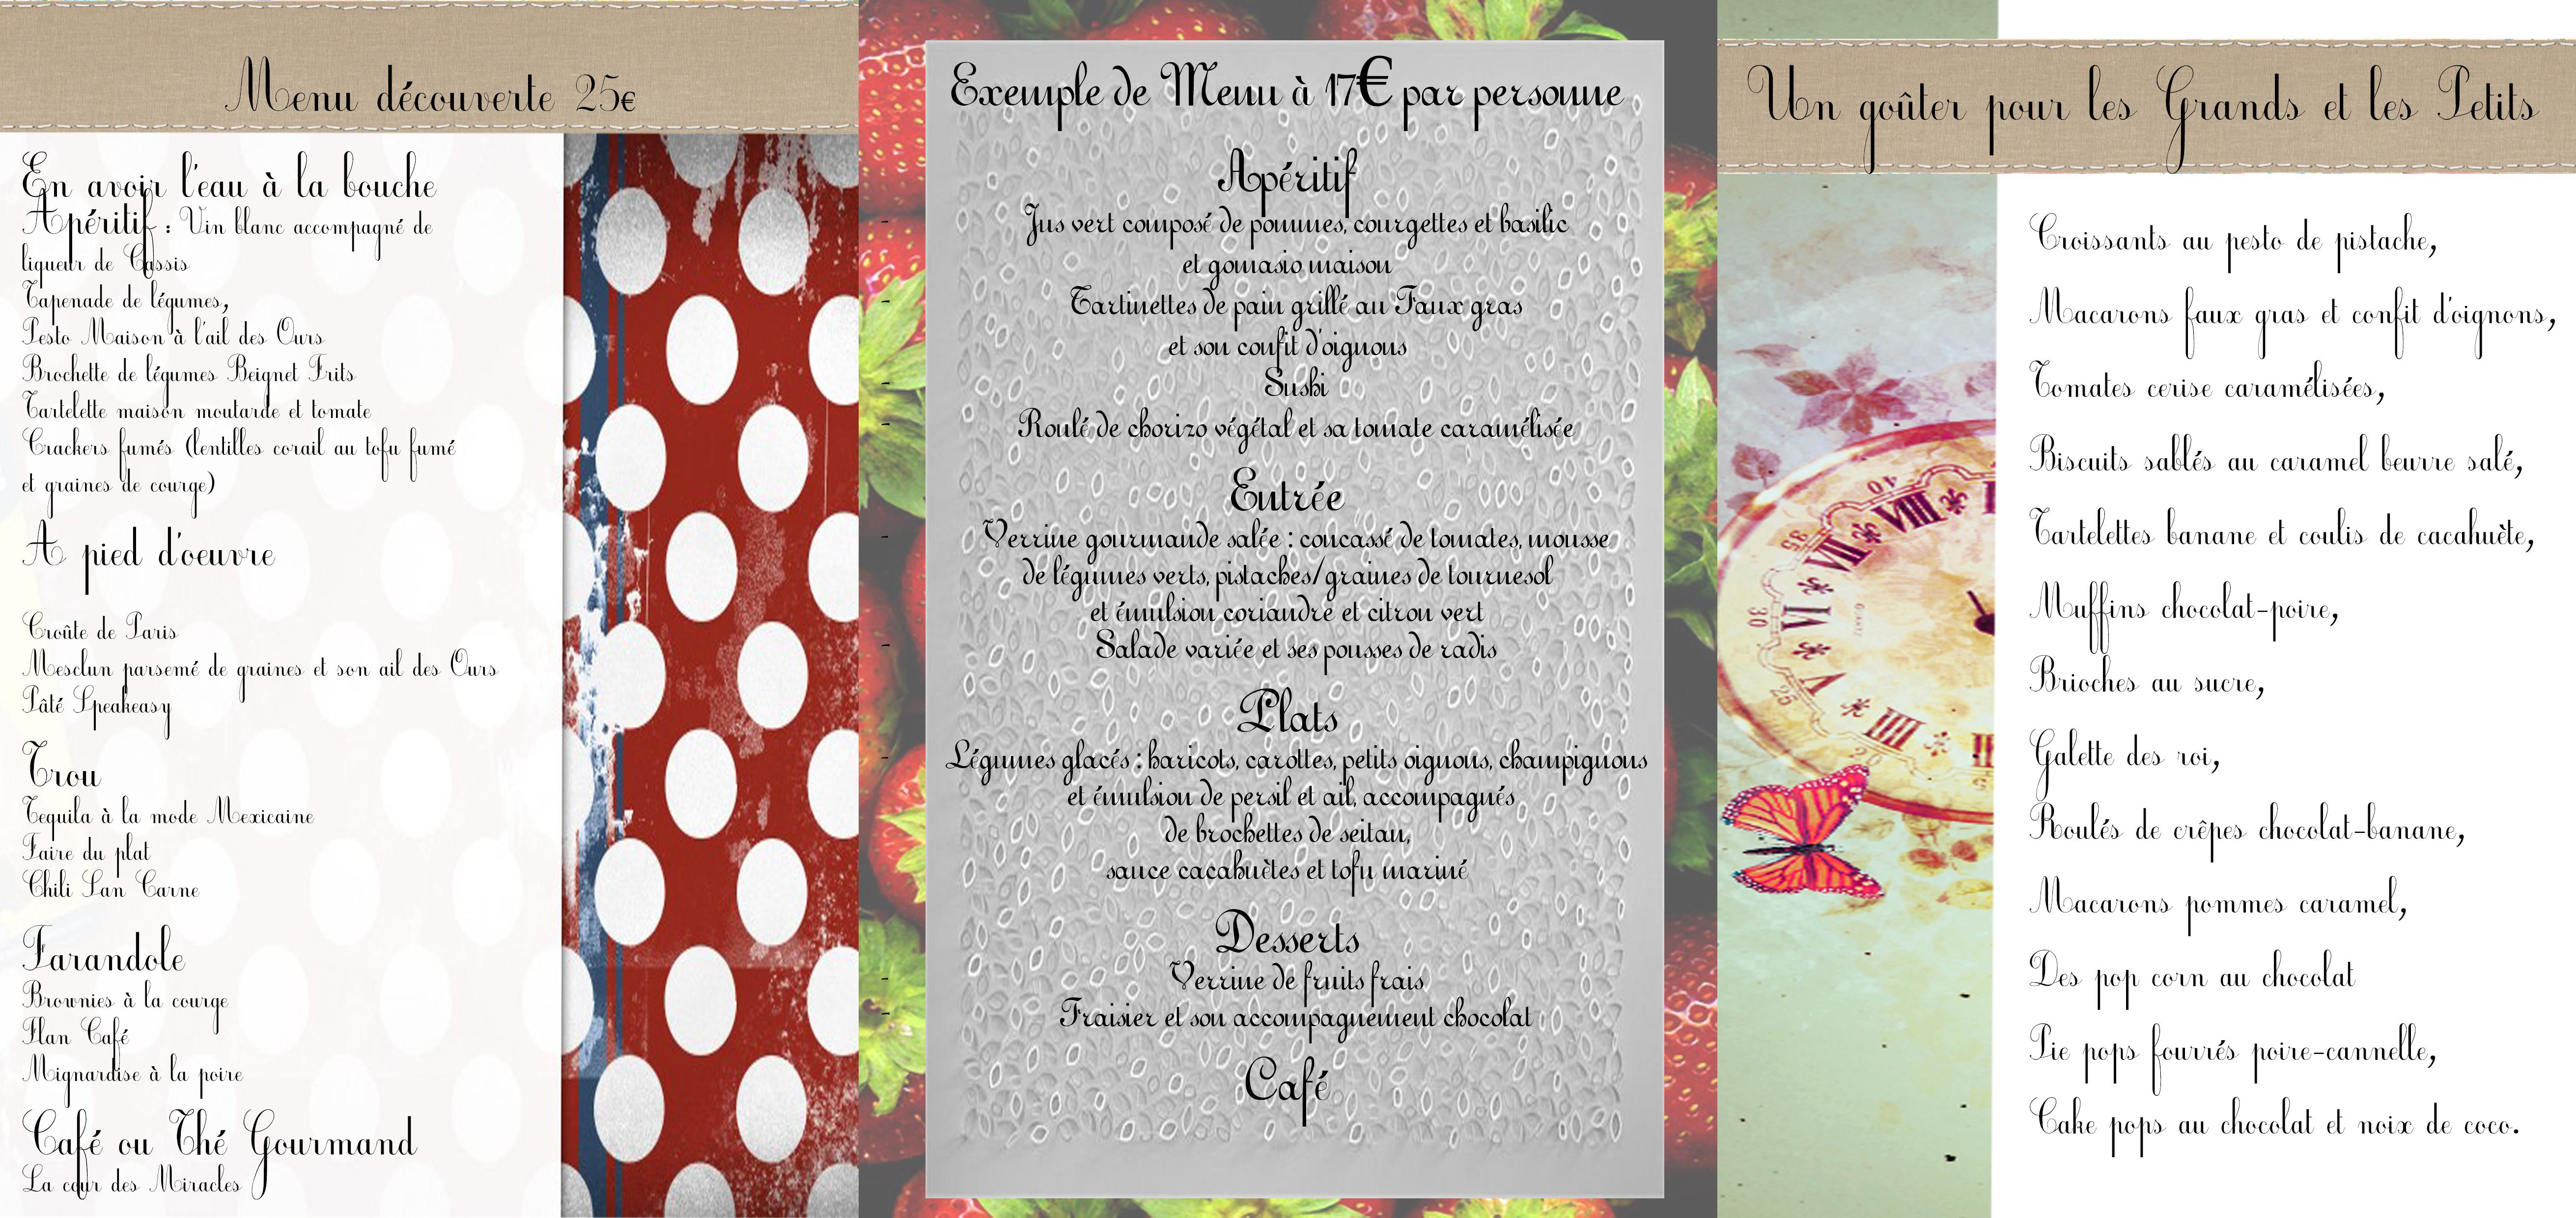 3 menu